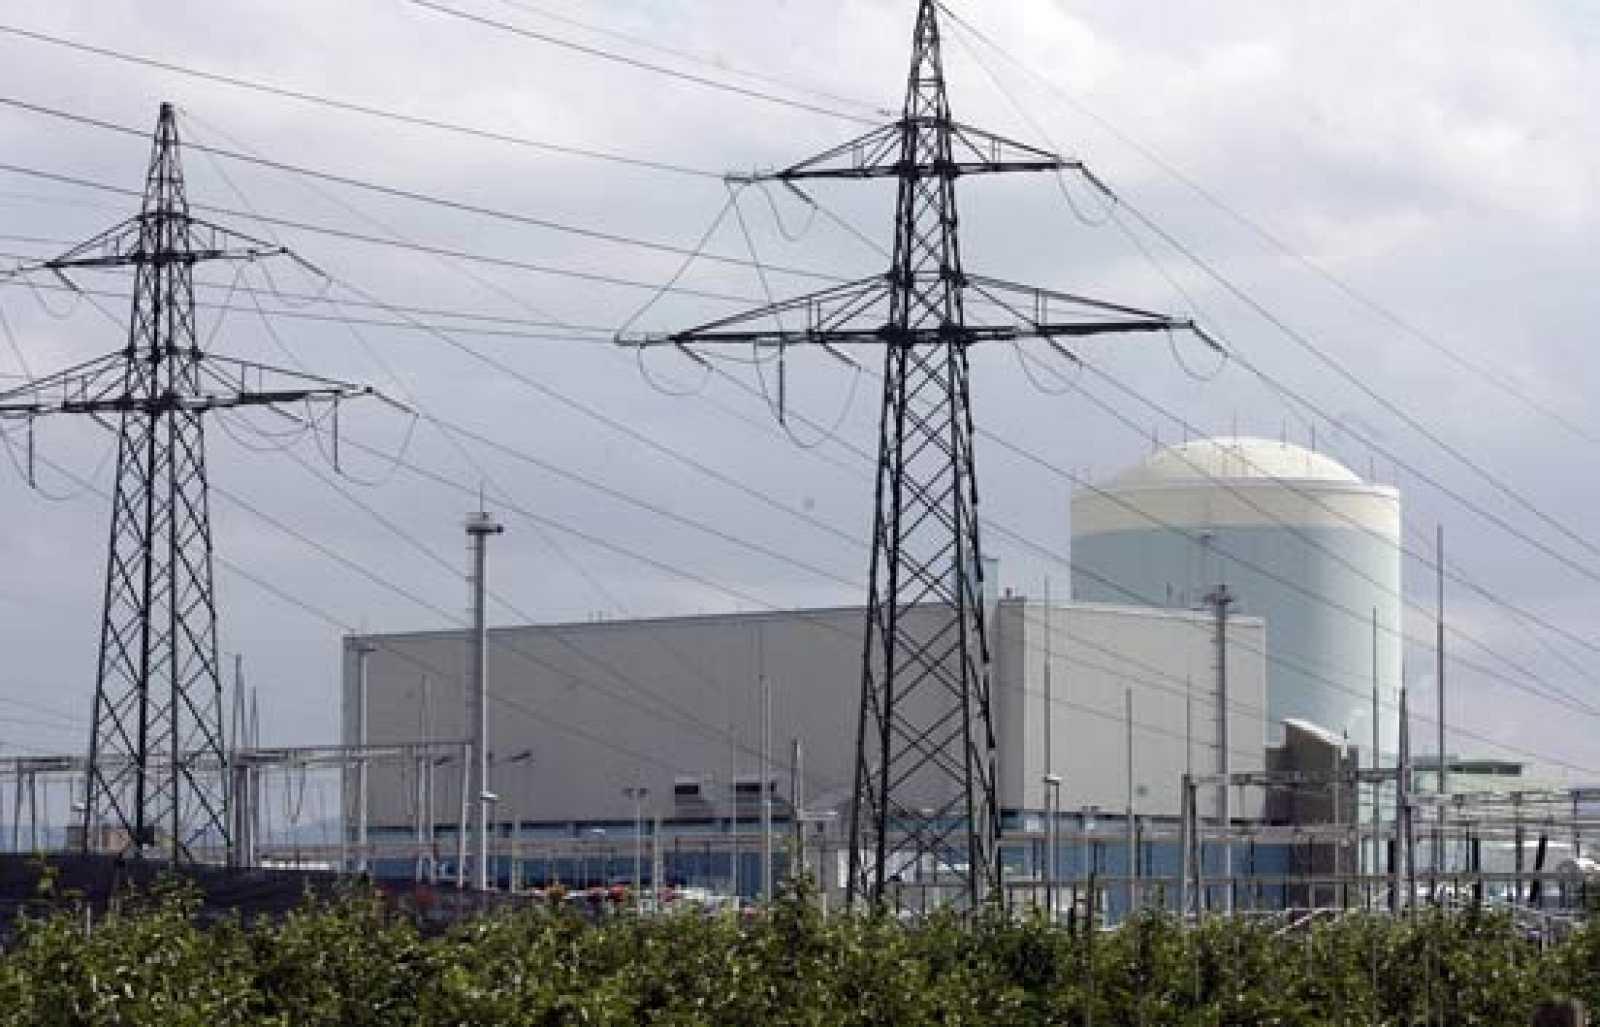 La dependencia energética y el aumento de las tarifas eléctricas han reabierto el debate social en nuestro país sobre la utilización de la energía nuclear.